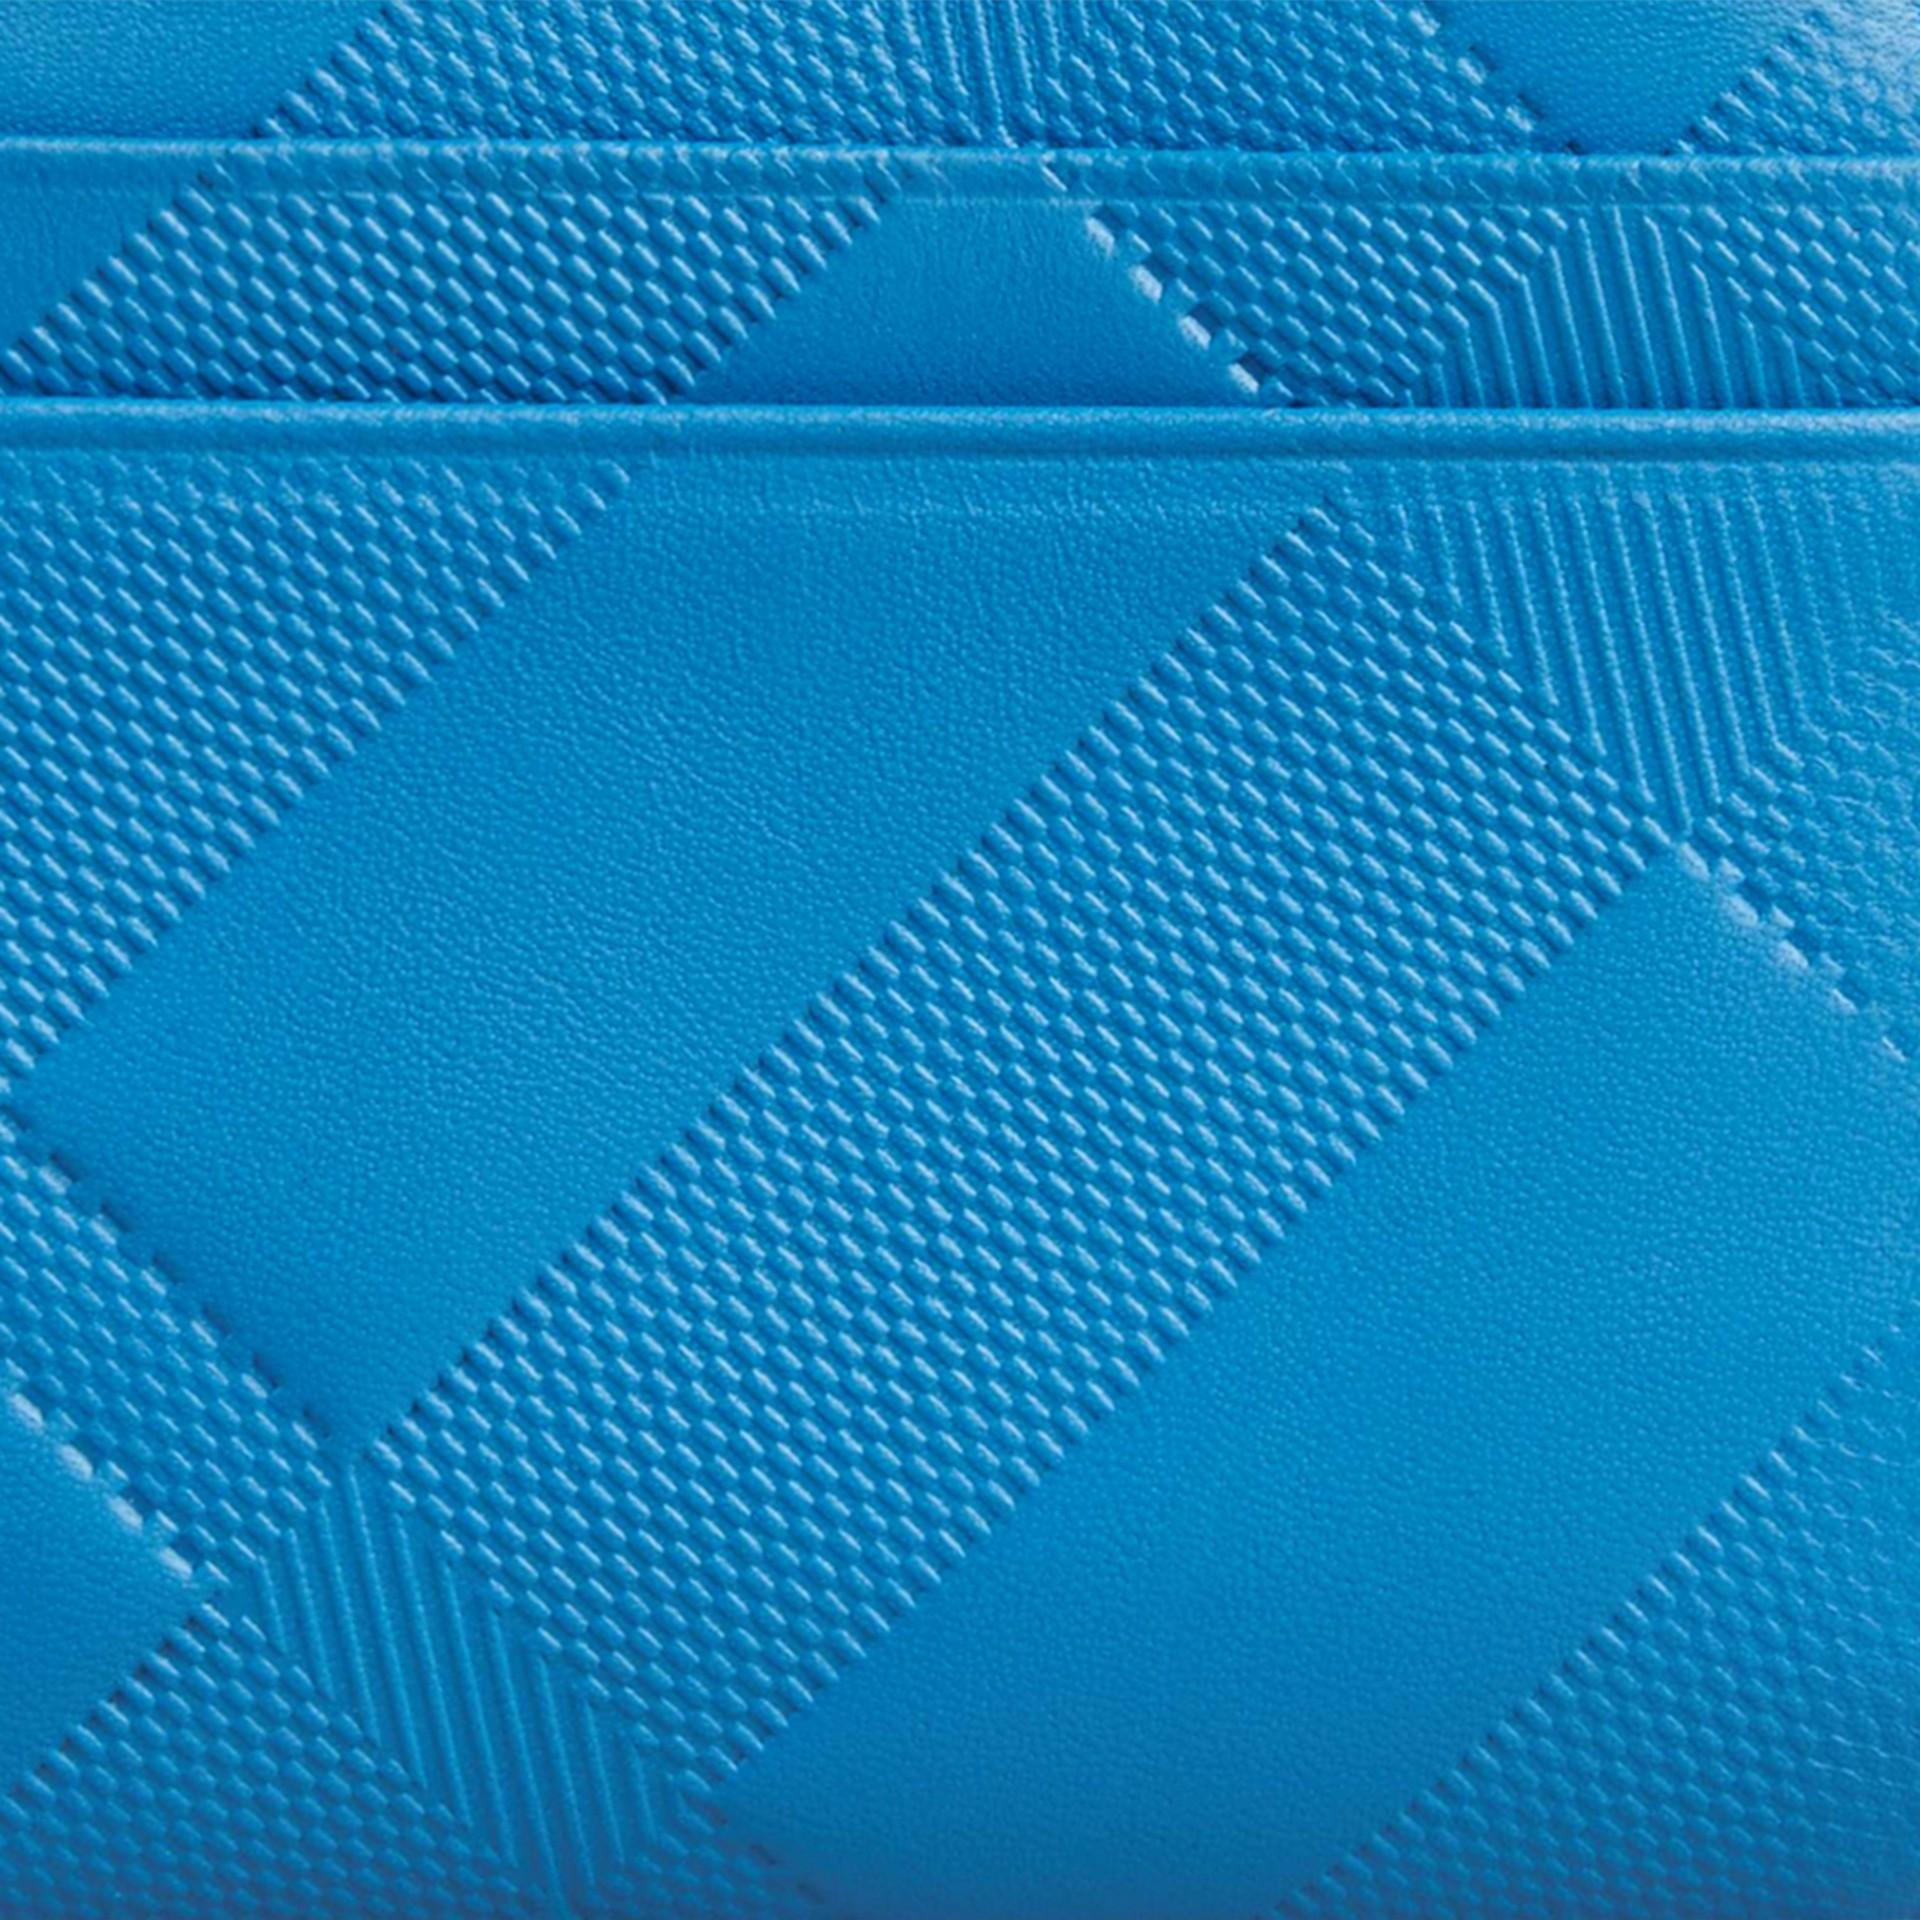 Azul azure Carteira dobrável de couro com padrão xadrez em relevo Azul Azure - galeria de imagens 2